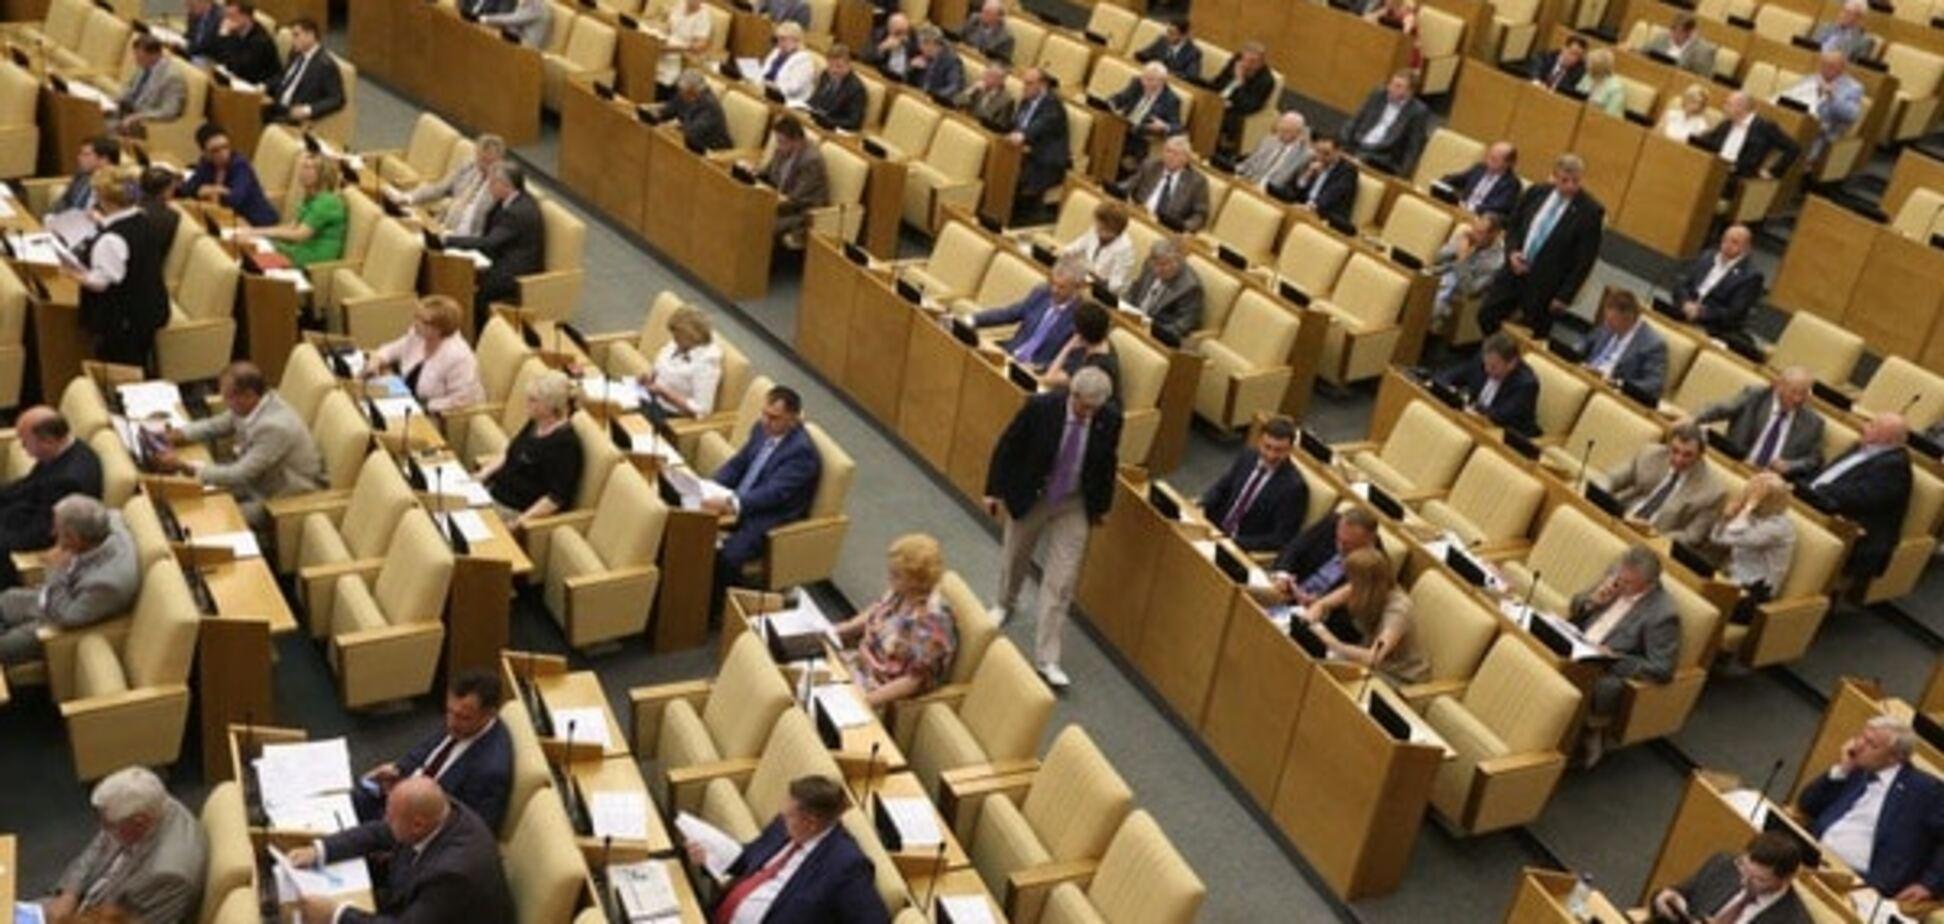 Государственная Дума хочет признать Волынскую трагедию геноцидом. Источник: риа.новости